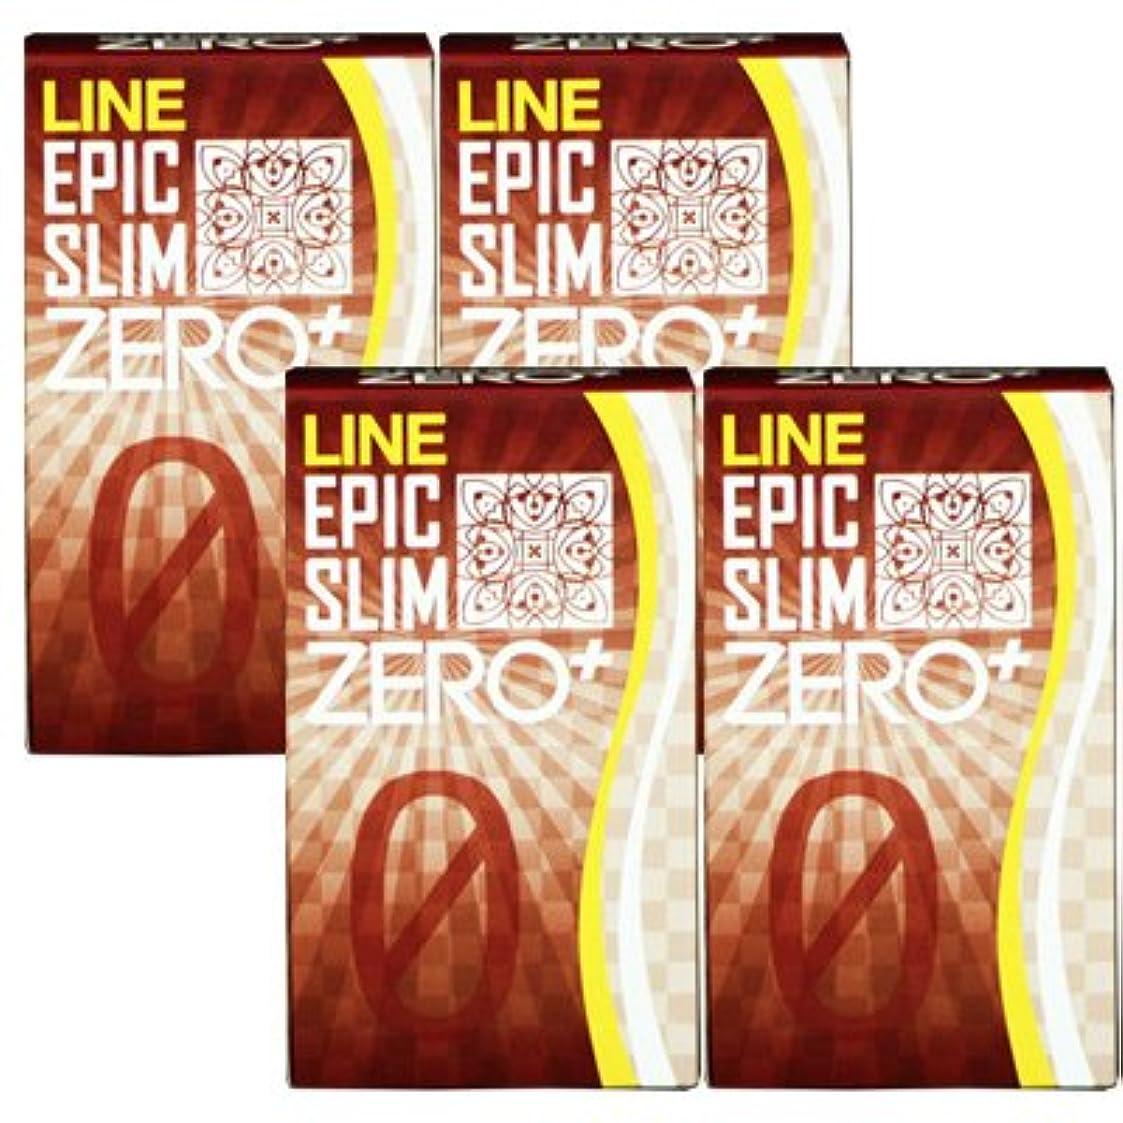 鬼ごっこ神経障害規模LINE エピックスリム ゼロ PLUS 4個セット Line Epic Slim ZERO PLUS ×4個